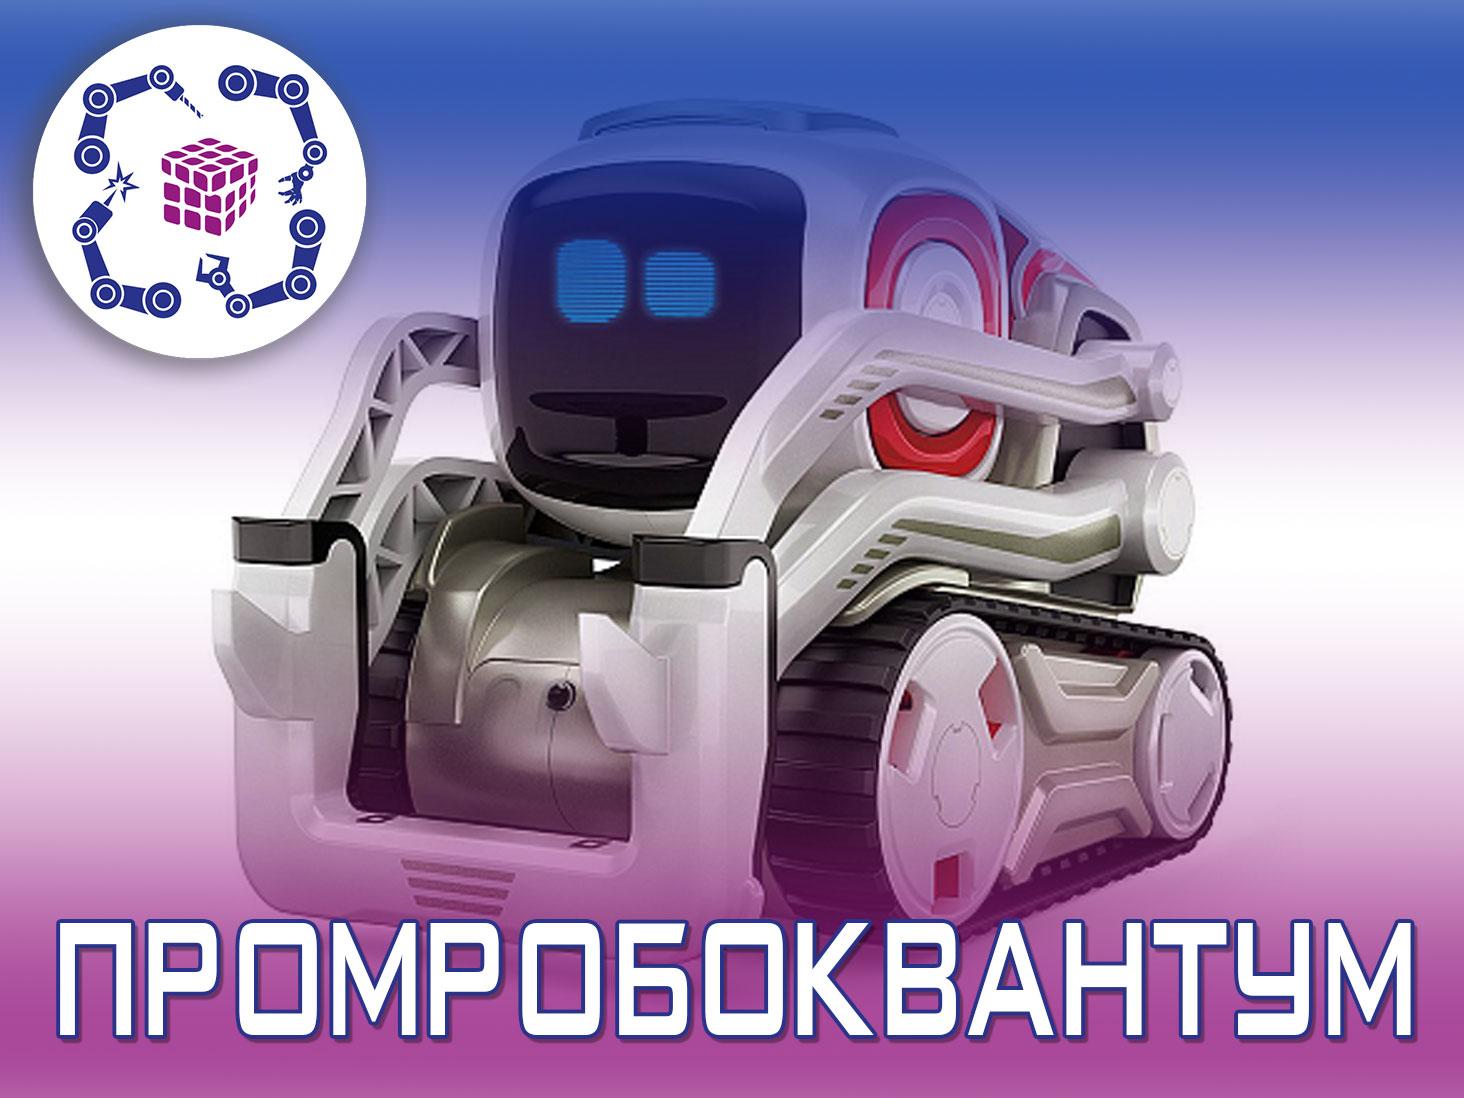 Для тех, кто интересуется моделированием и конструированием, мечтает создать своего робота на пользу людям.